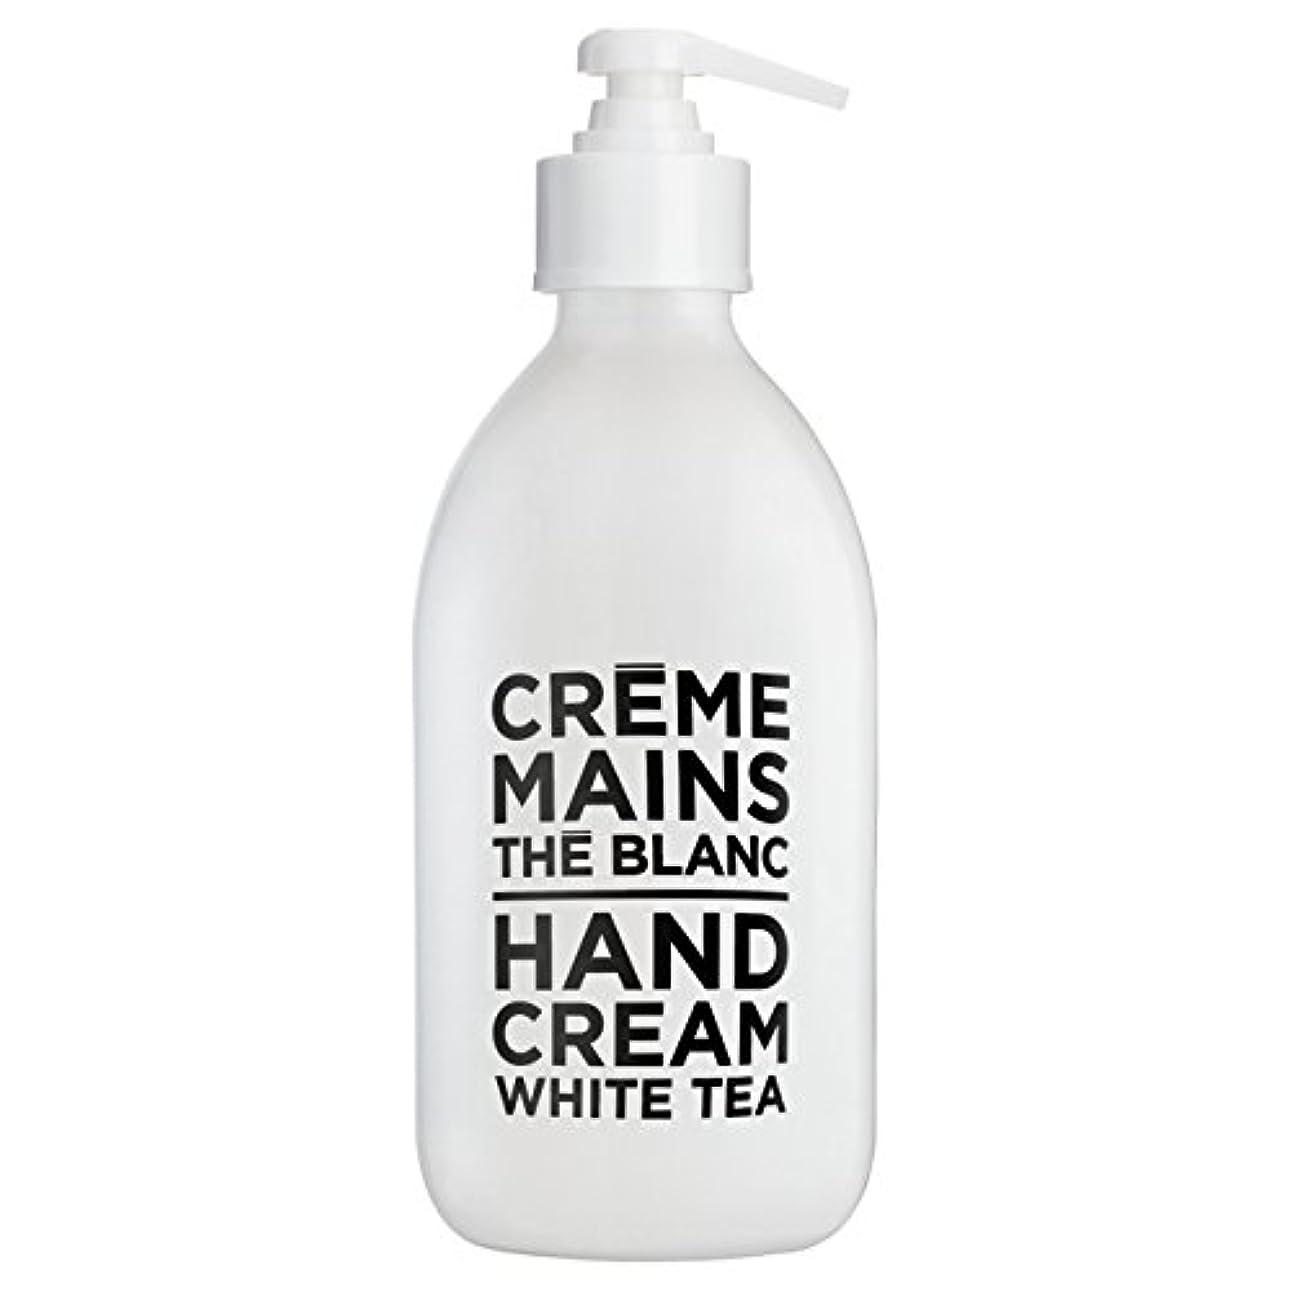 くしゃくしゃ詐欺元のカンパニードプロバンス ブラック&ホワイト ハンドクリーム ホワイトティー(ホワイトティーにシトラスを添えた気品ある香り) 300ml